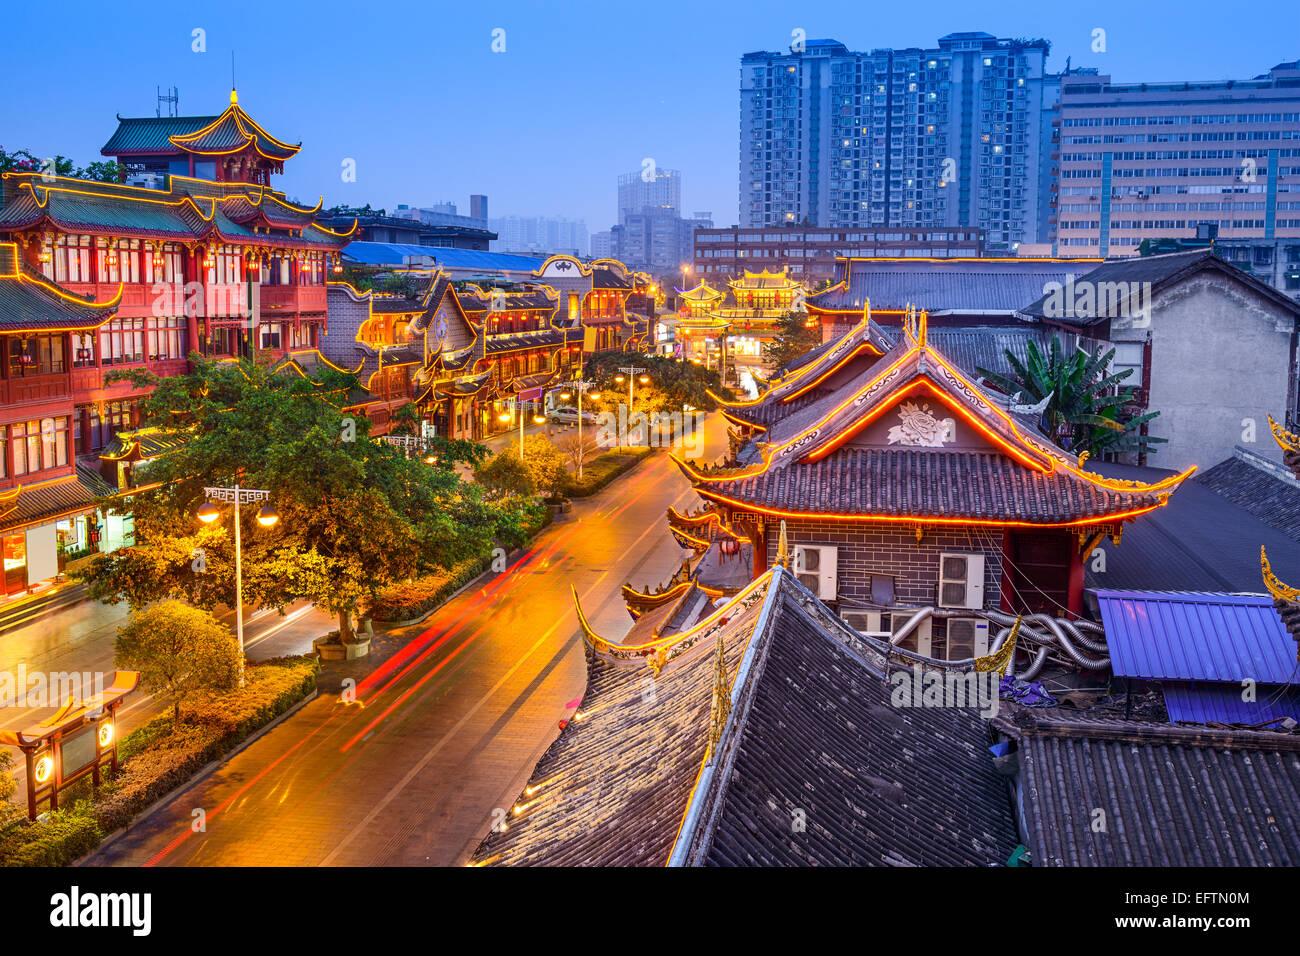 Chengdu, Chine cityscape sur Qintai Road quartier historique. Photo Stock